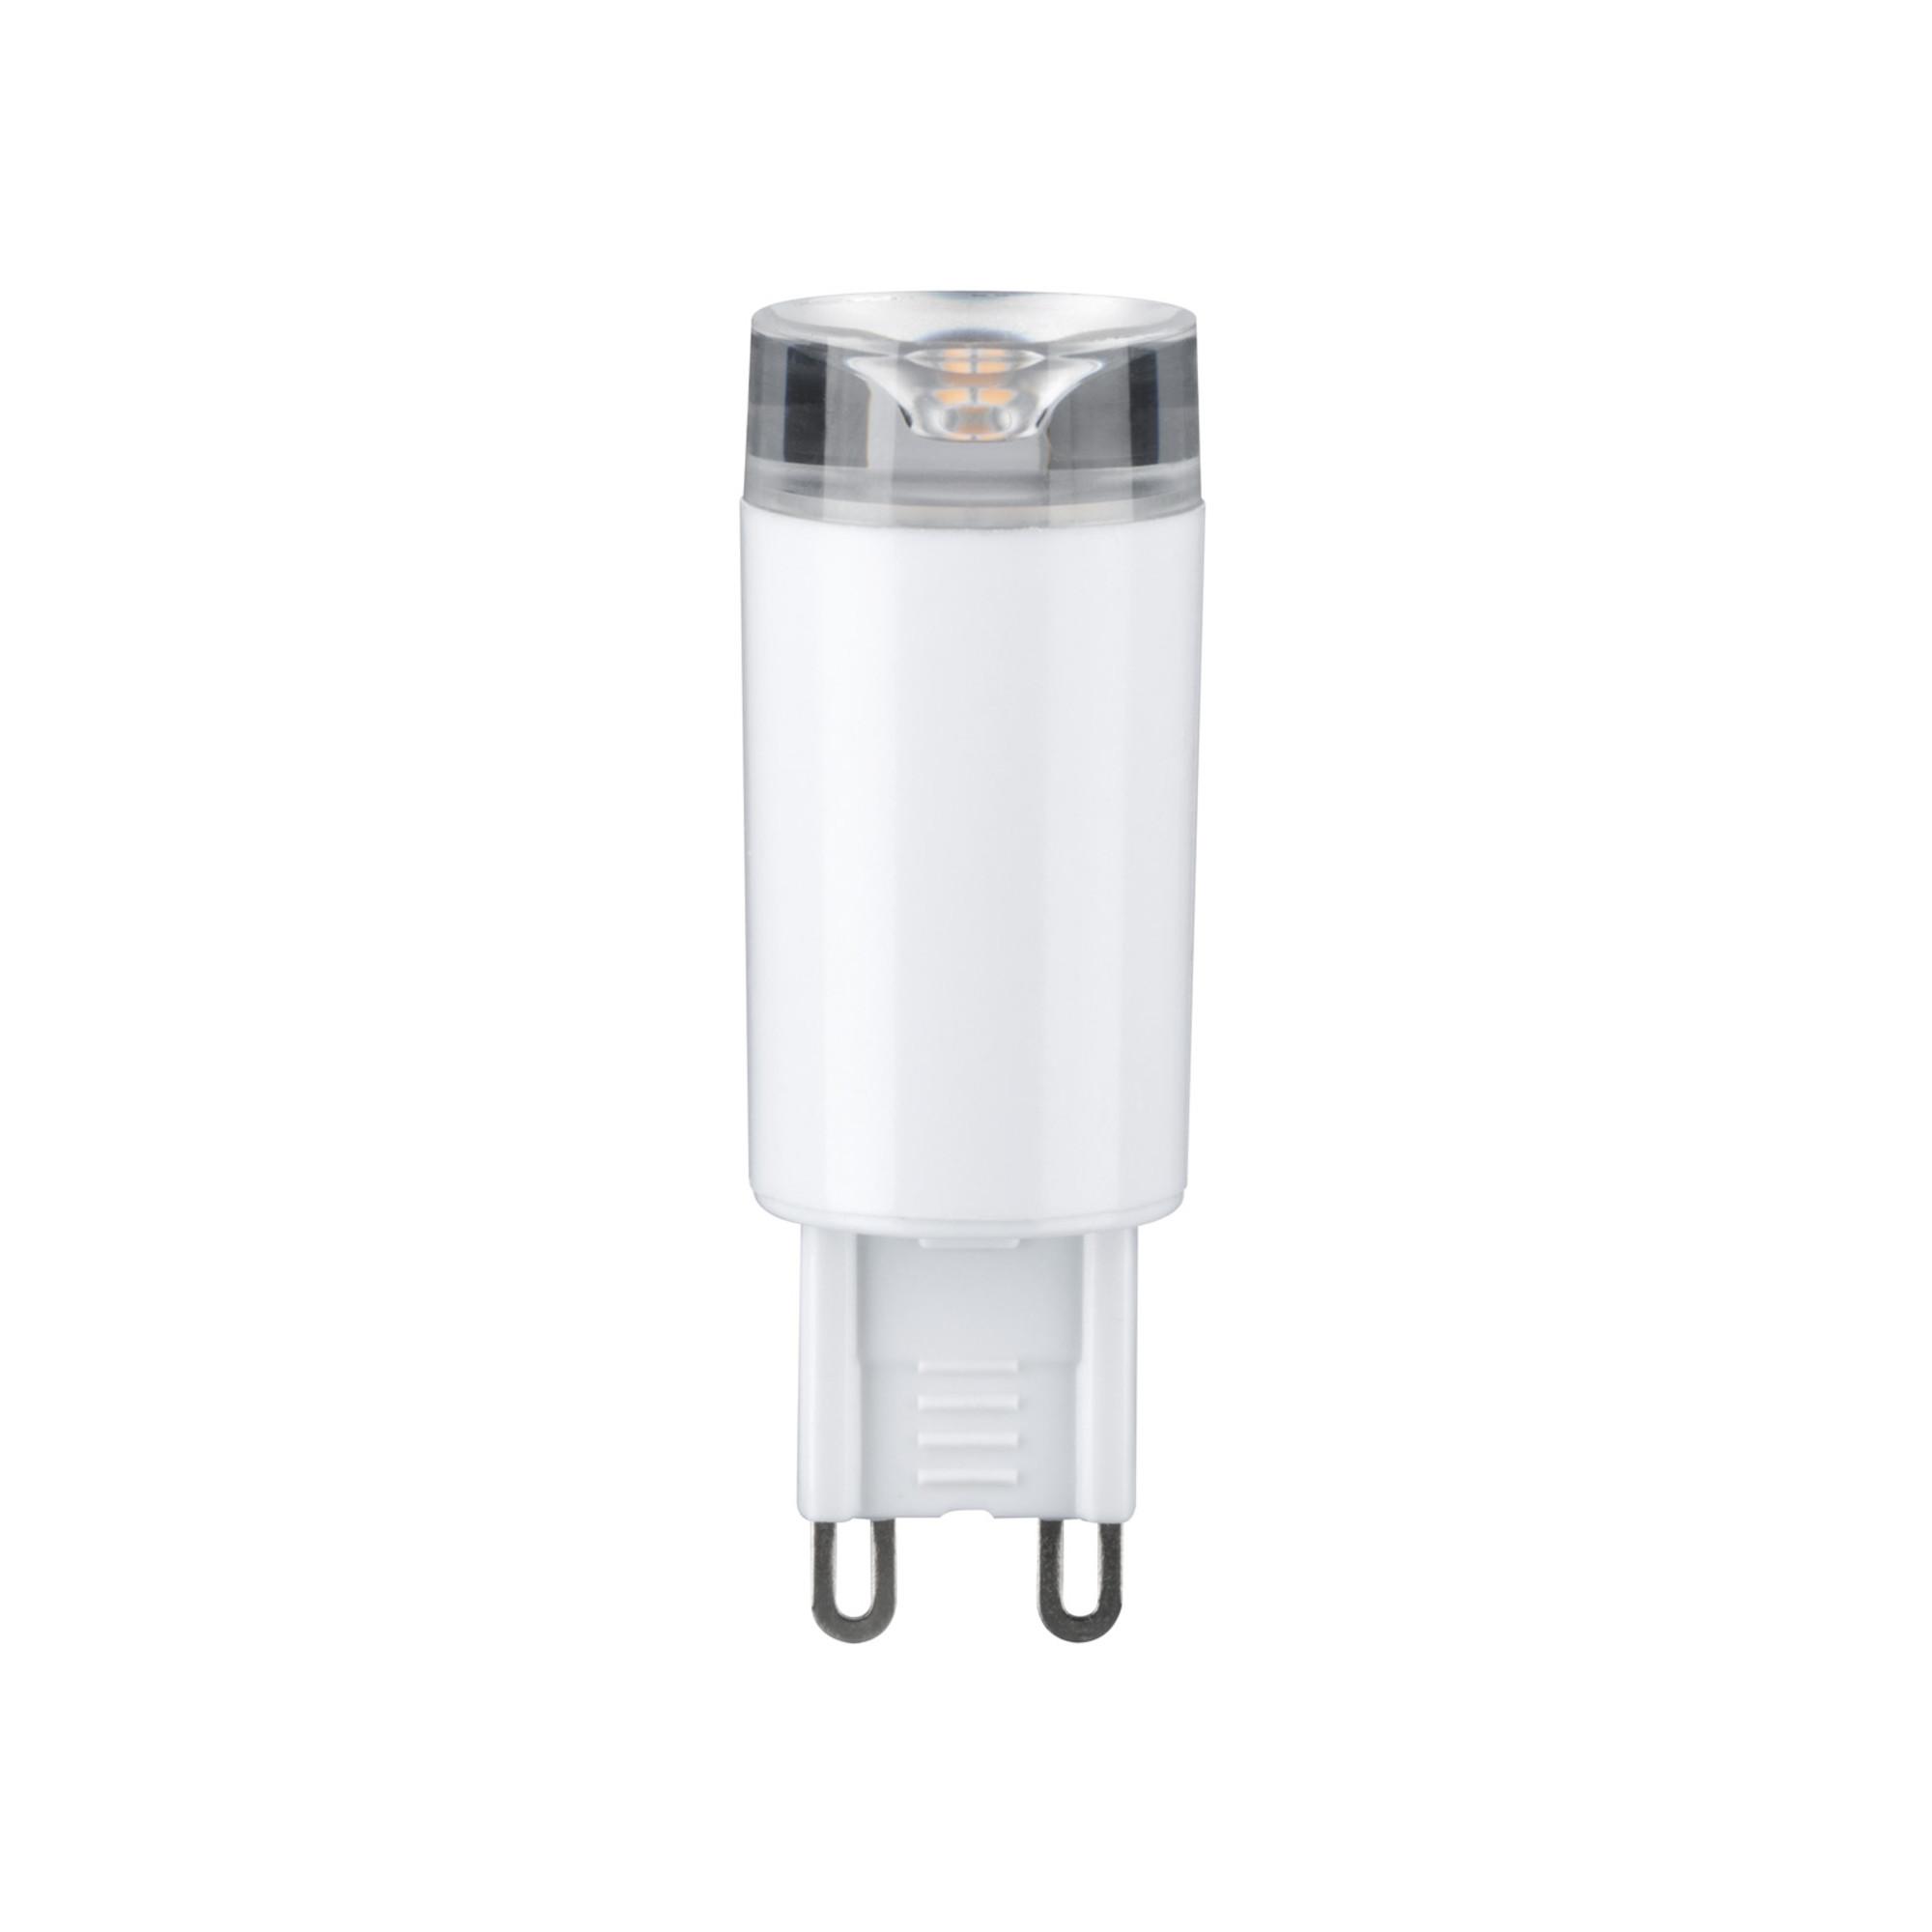 Лампа светодиодная Paulmann Штифтовый цоколь 2.4Вт 210лм 2700К G9 230В Прозрачный 28509.